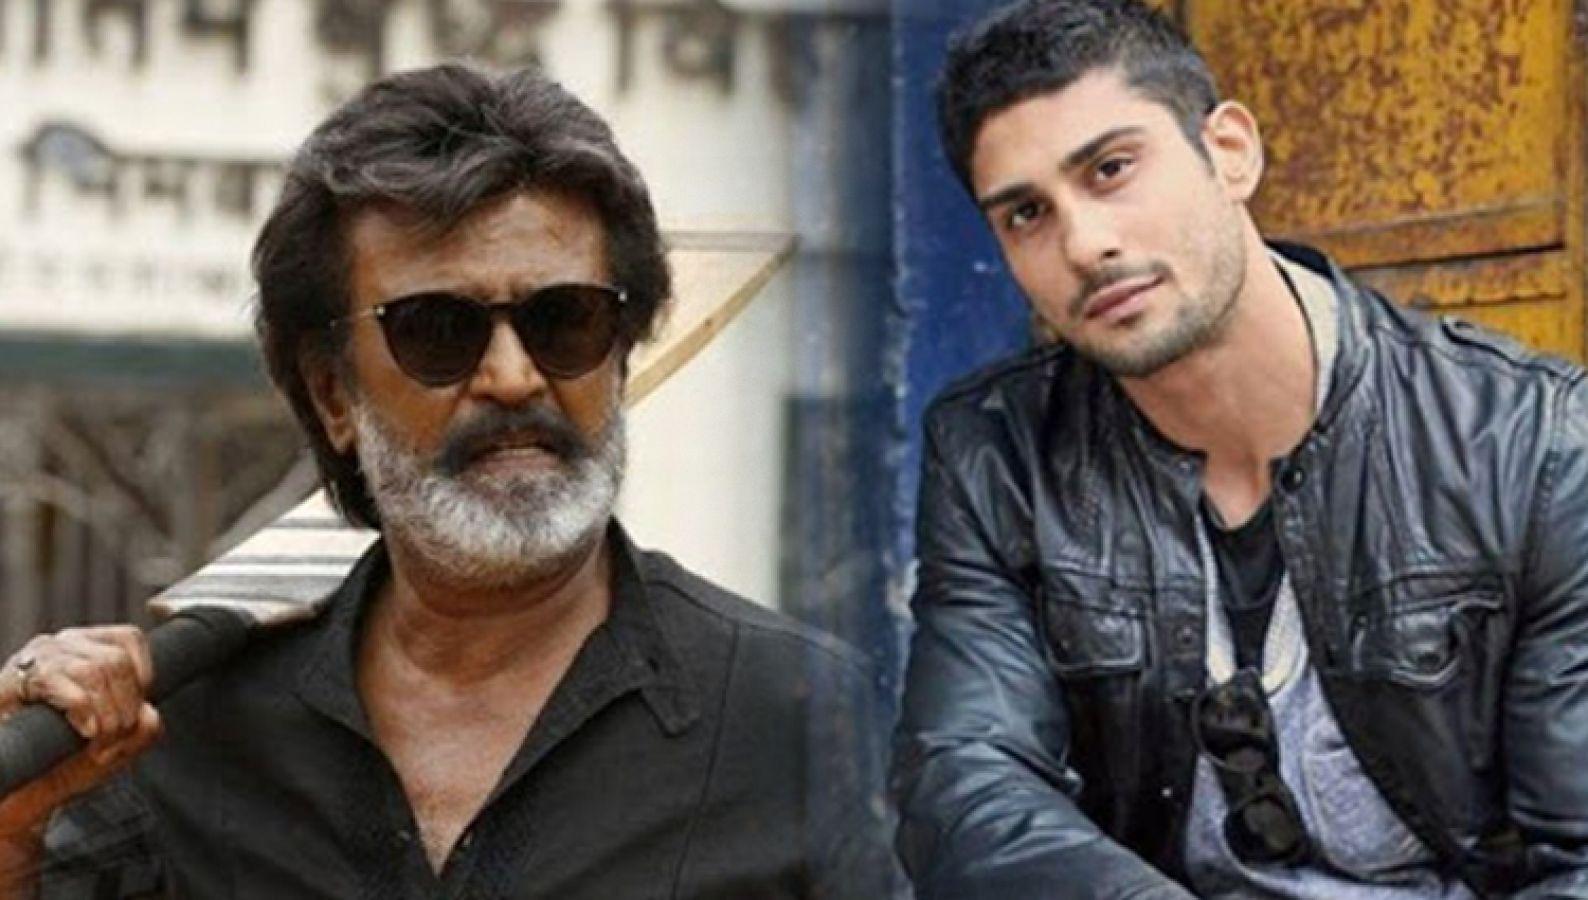 रजनीकांत के साथ फिल्म में नज़र आएंगे प्रतीक बब्बर, ये होगा किरदार